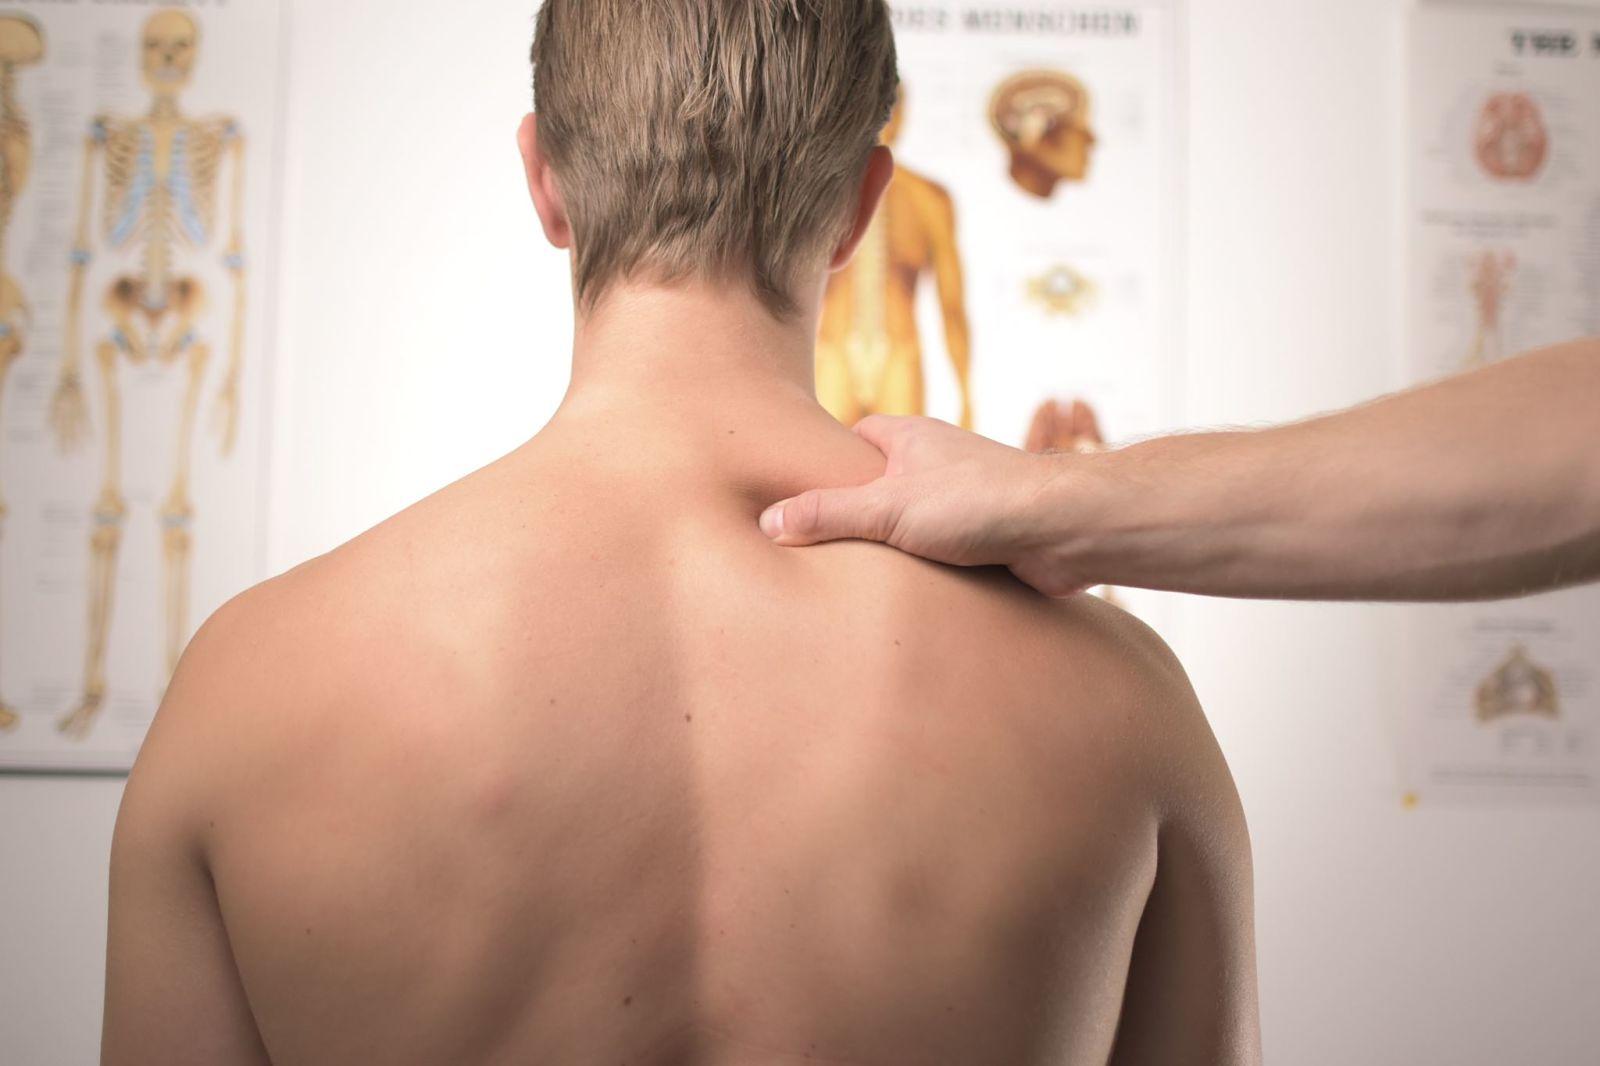 Как Избавиться От Любой Мышечной Боли И Жить С Кайфом (Миофасциальный Релиз)